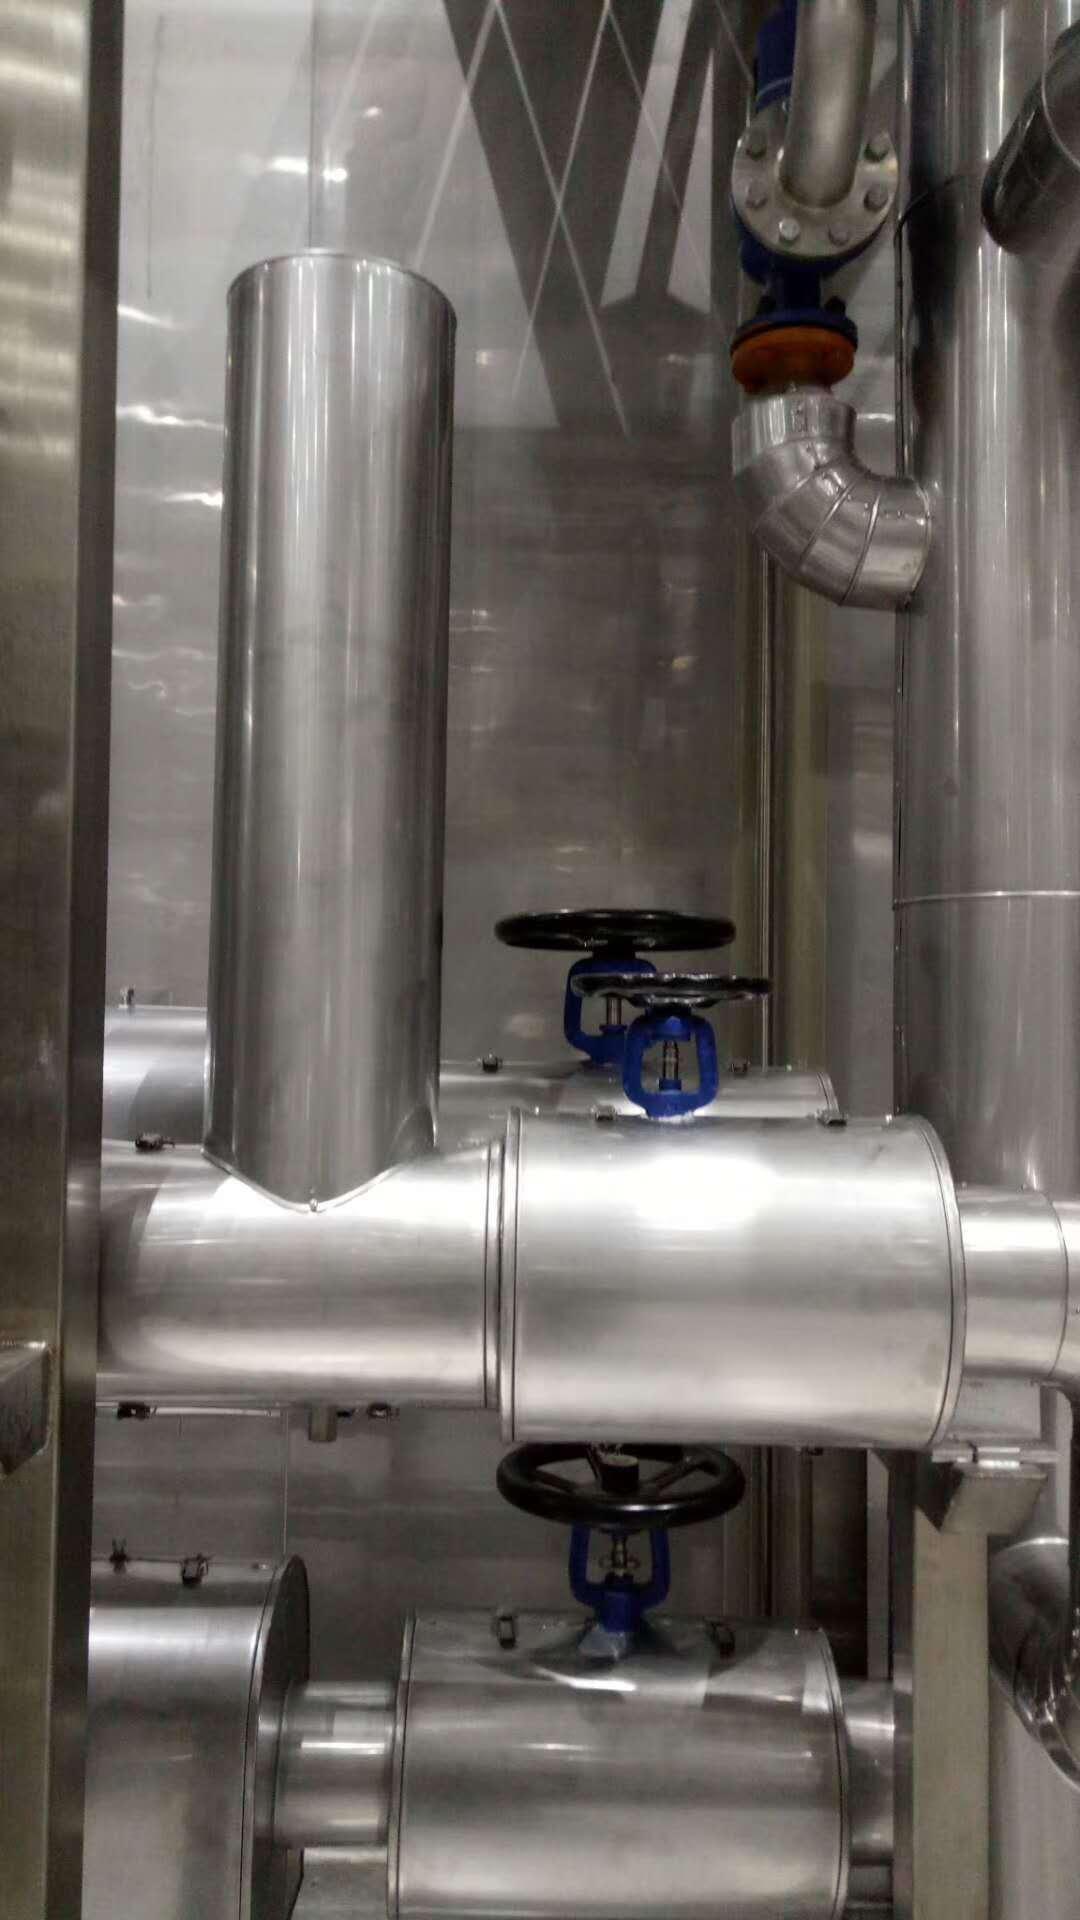 长治长子铝皮管道 罐体保温施工价格--蒸汽管道保温施工电话